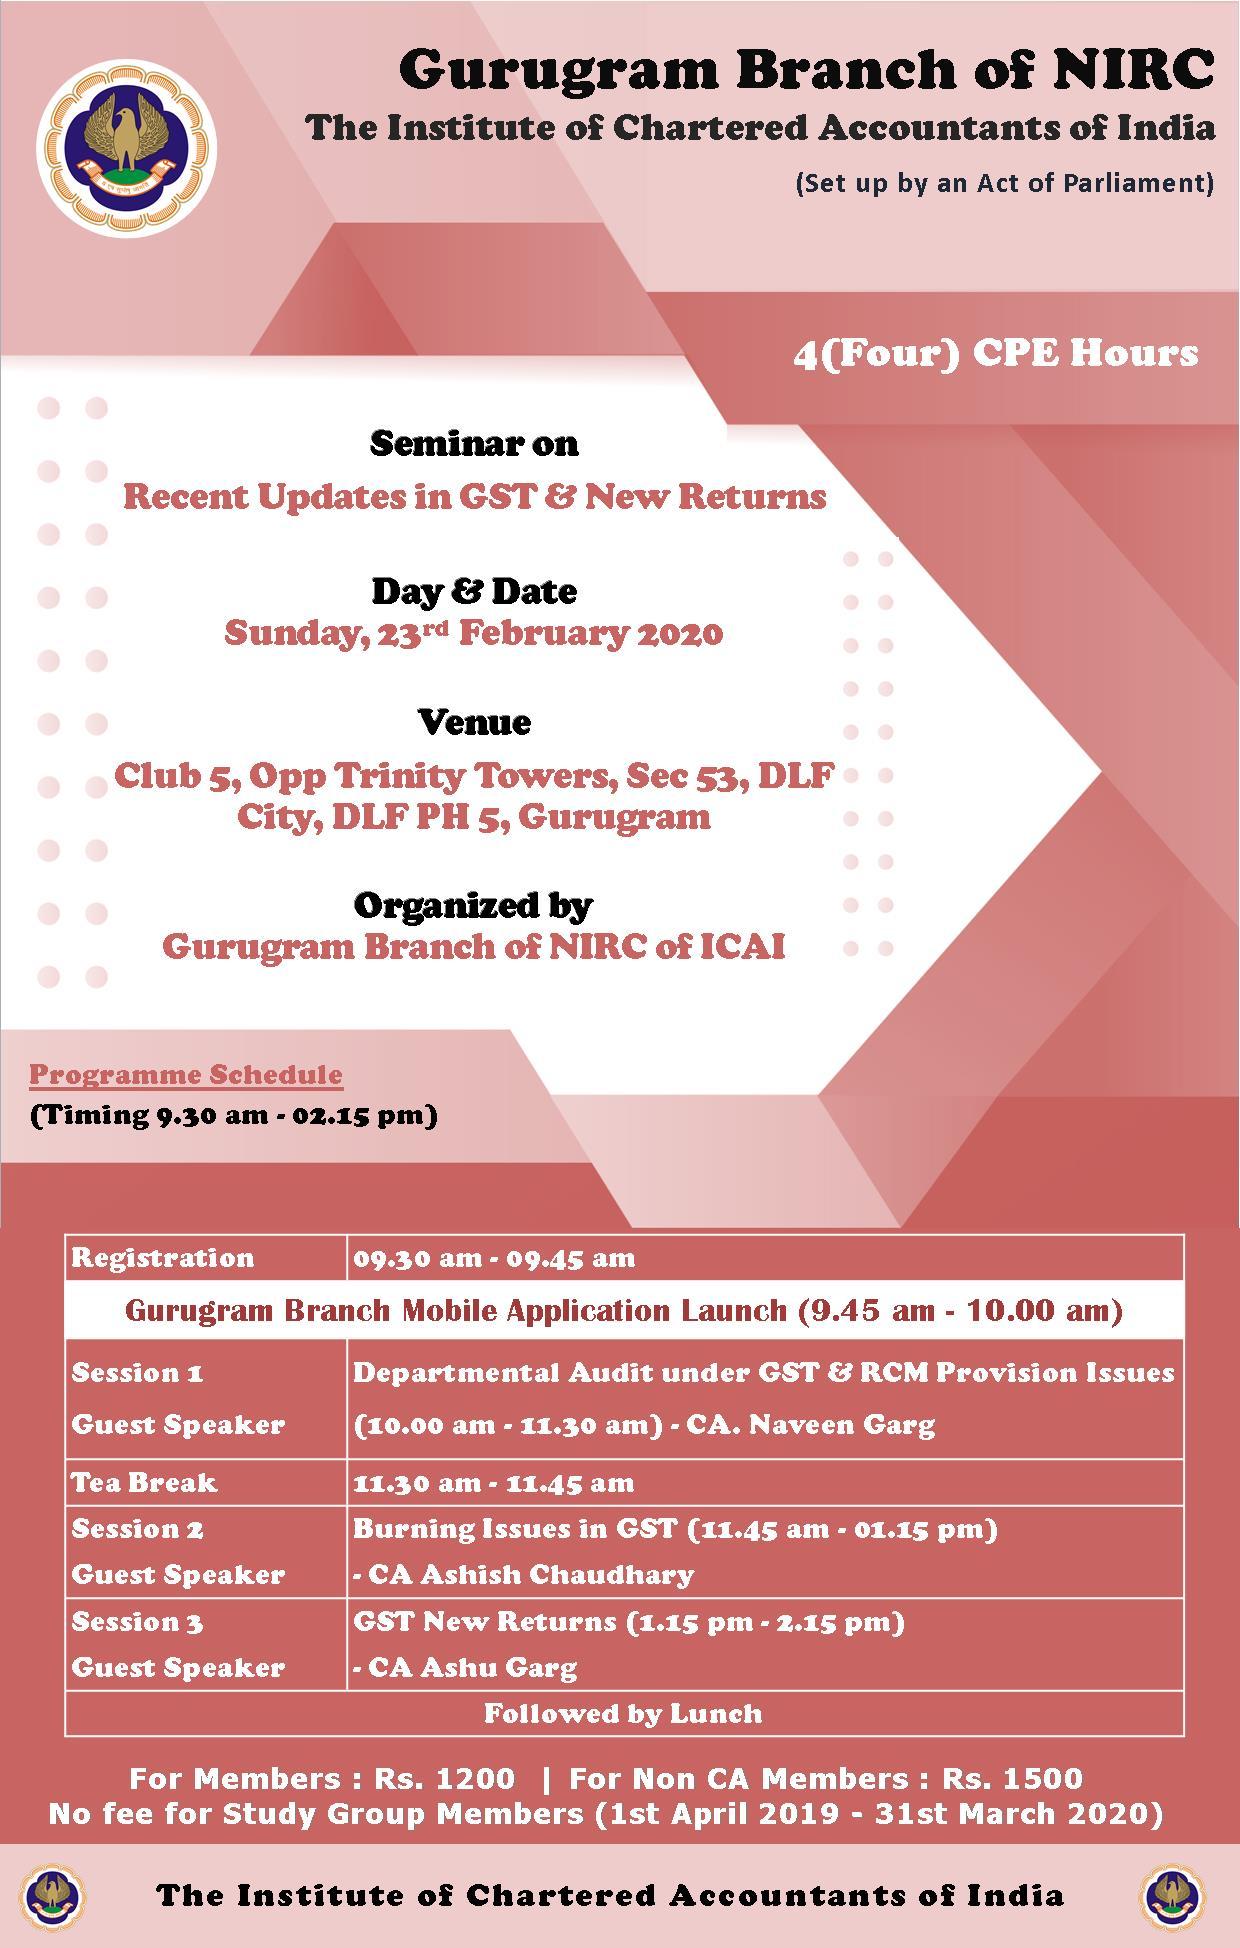 Seminar on Recent Updates in GST & New Returns